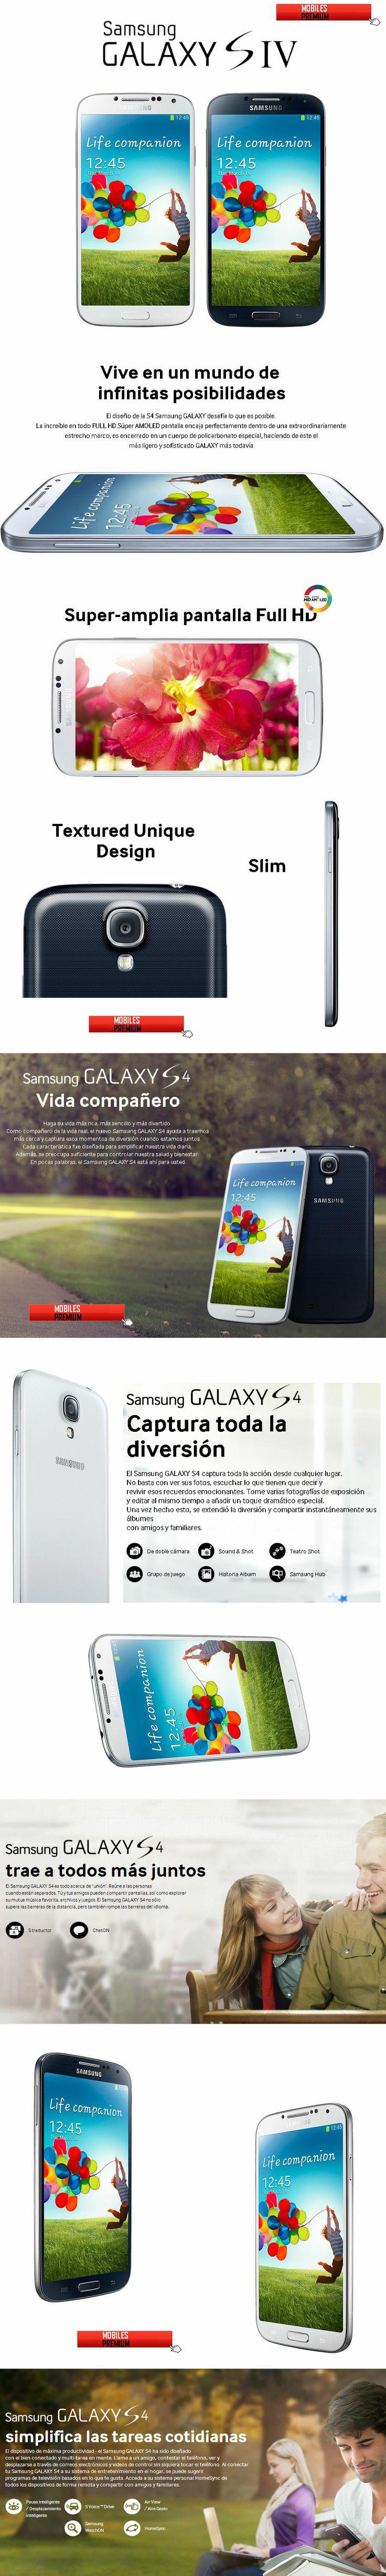 Comprar samsung galaxy s4 gt i9500 negro | venta de samsung galaxy s4 negro Argentina